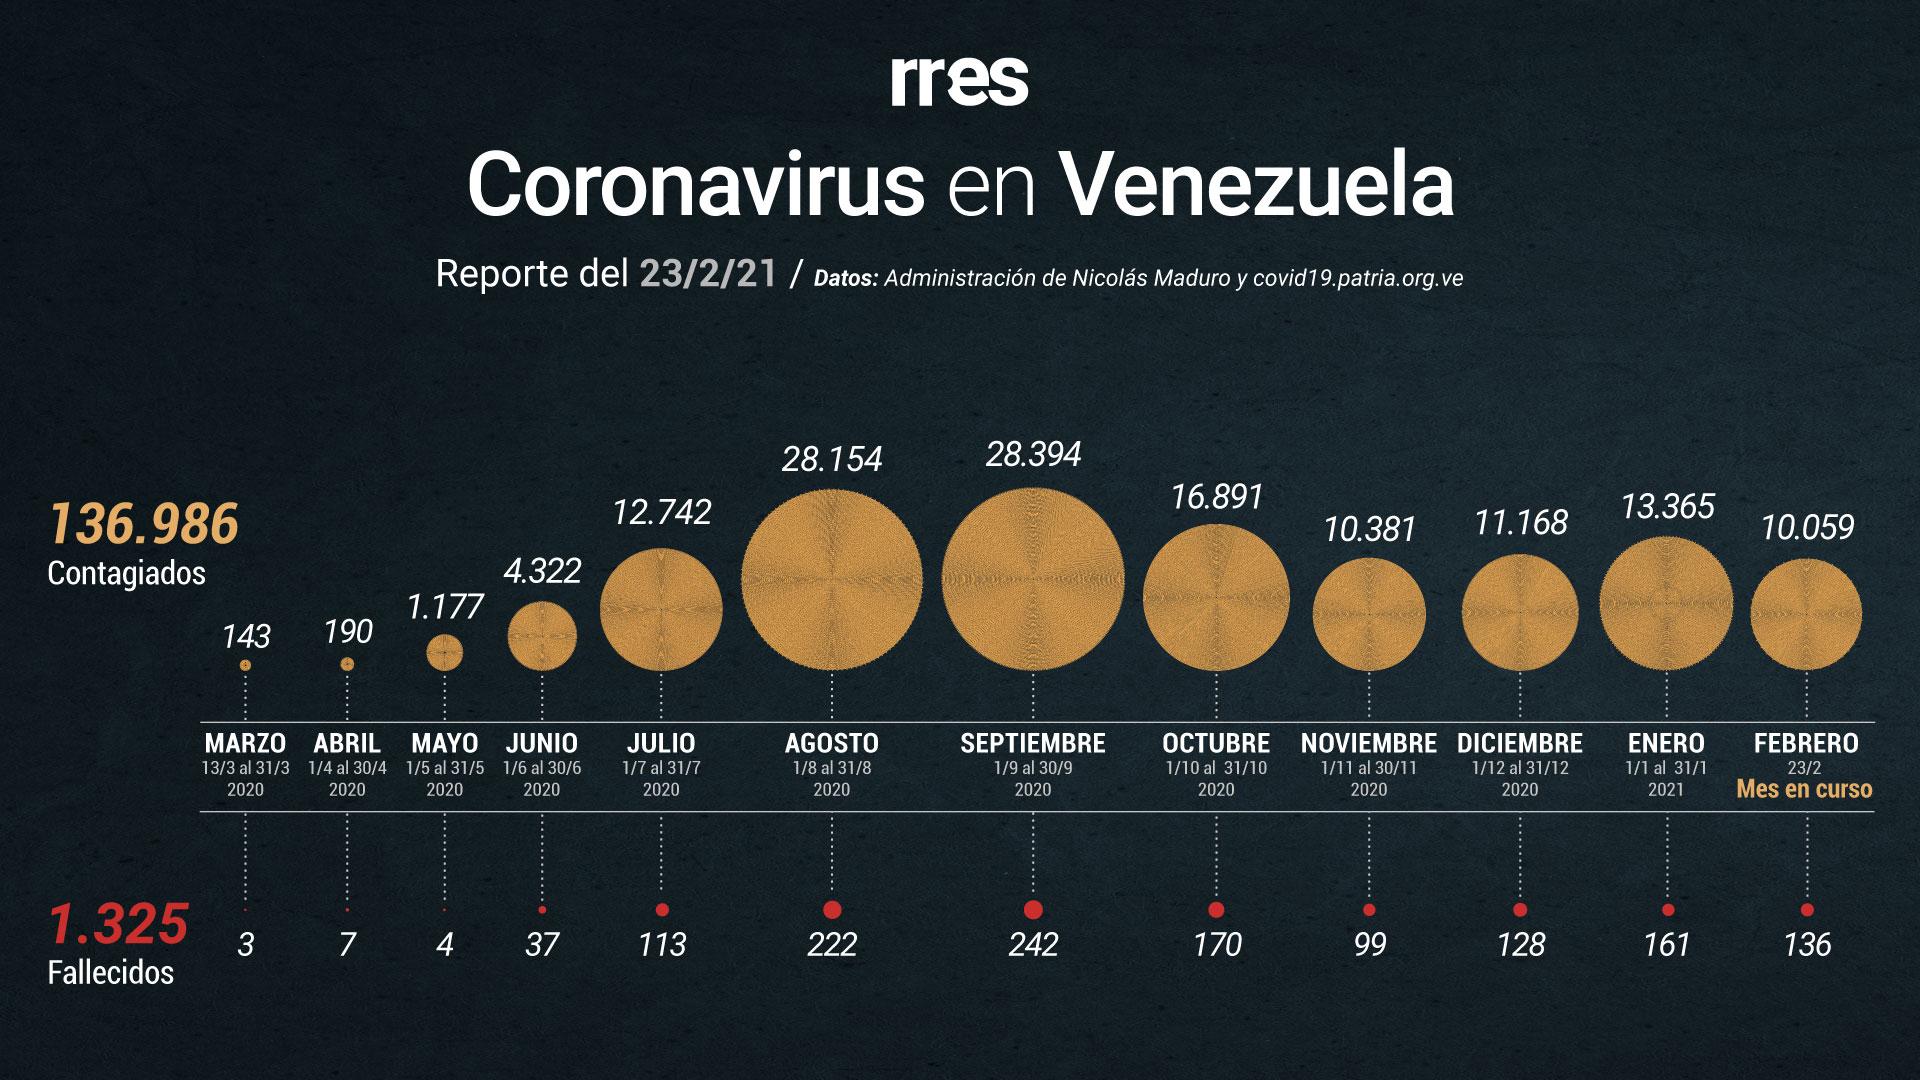 Venezuela registra 5 fallecimientos por COVID-19 y 441 nuevos casos este #23Feb